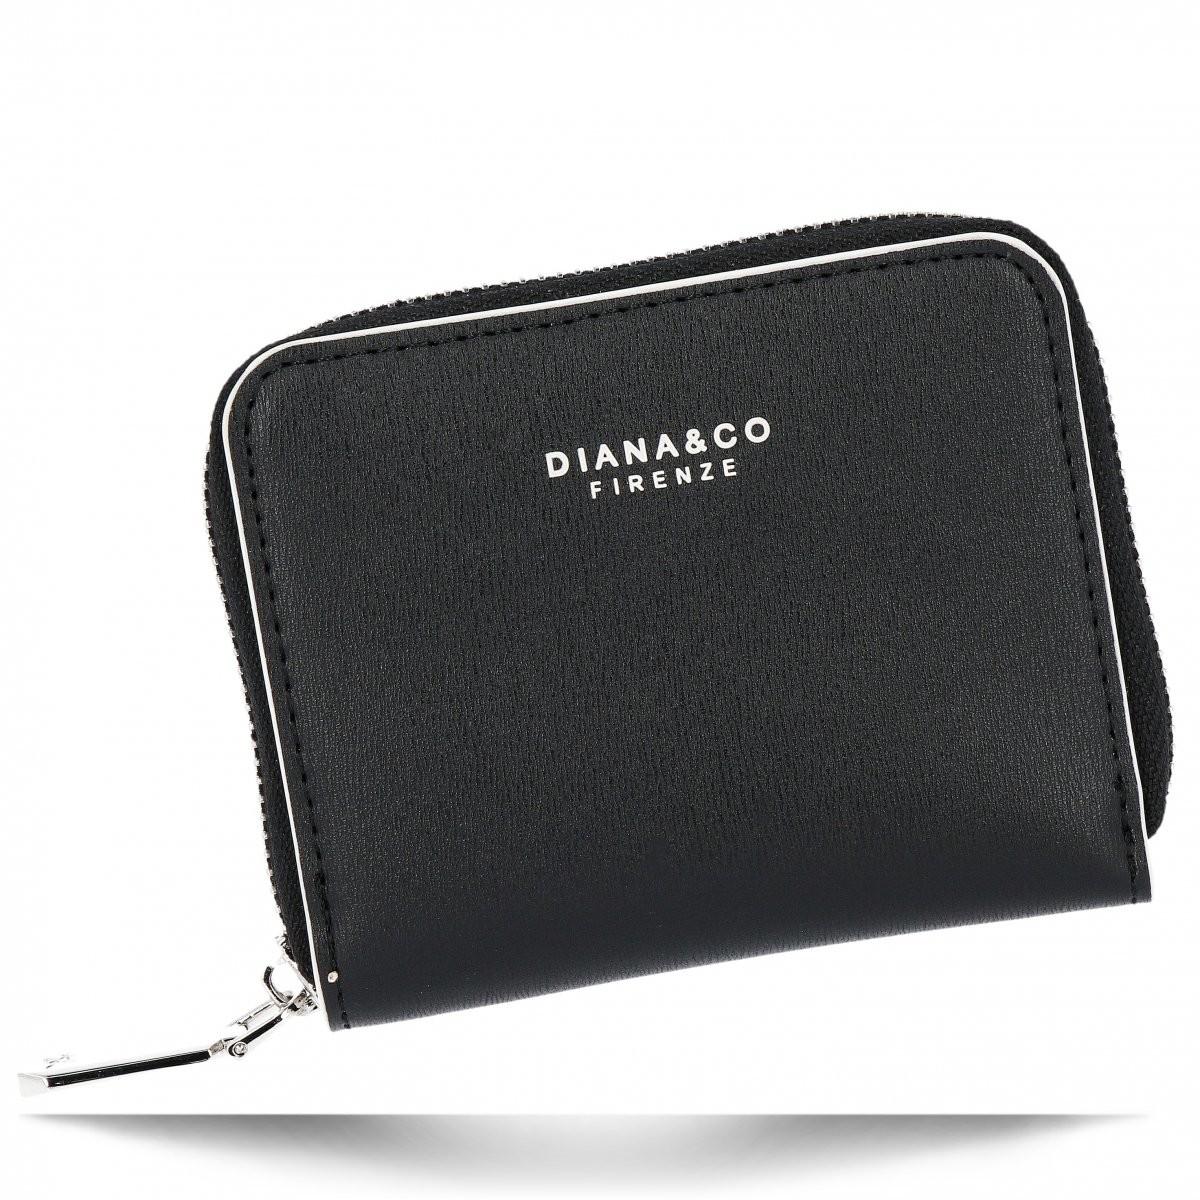 Diana&Co Poręczne Uniwersalne Portfele Damskie firmy Diana&Co Czarny (kolory) DFX1895-9czar